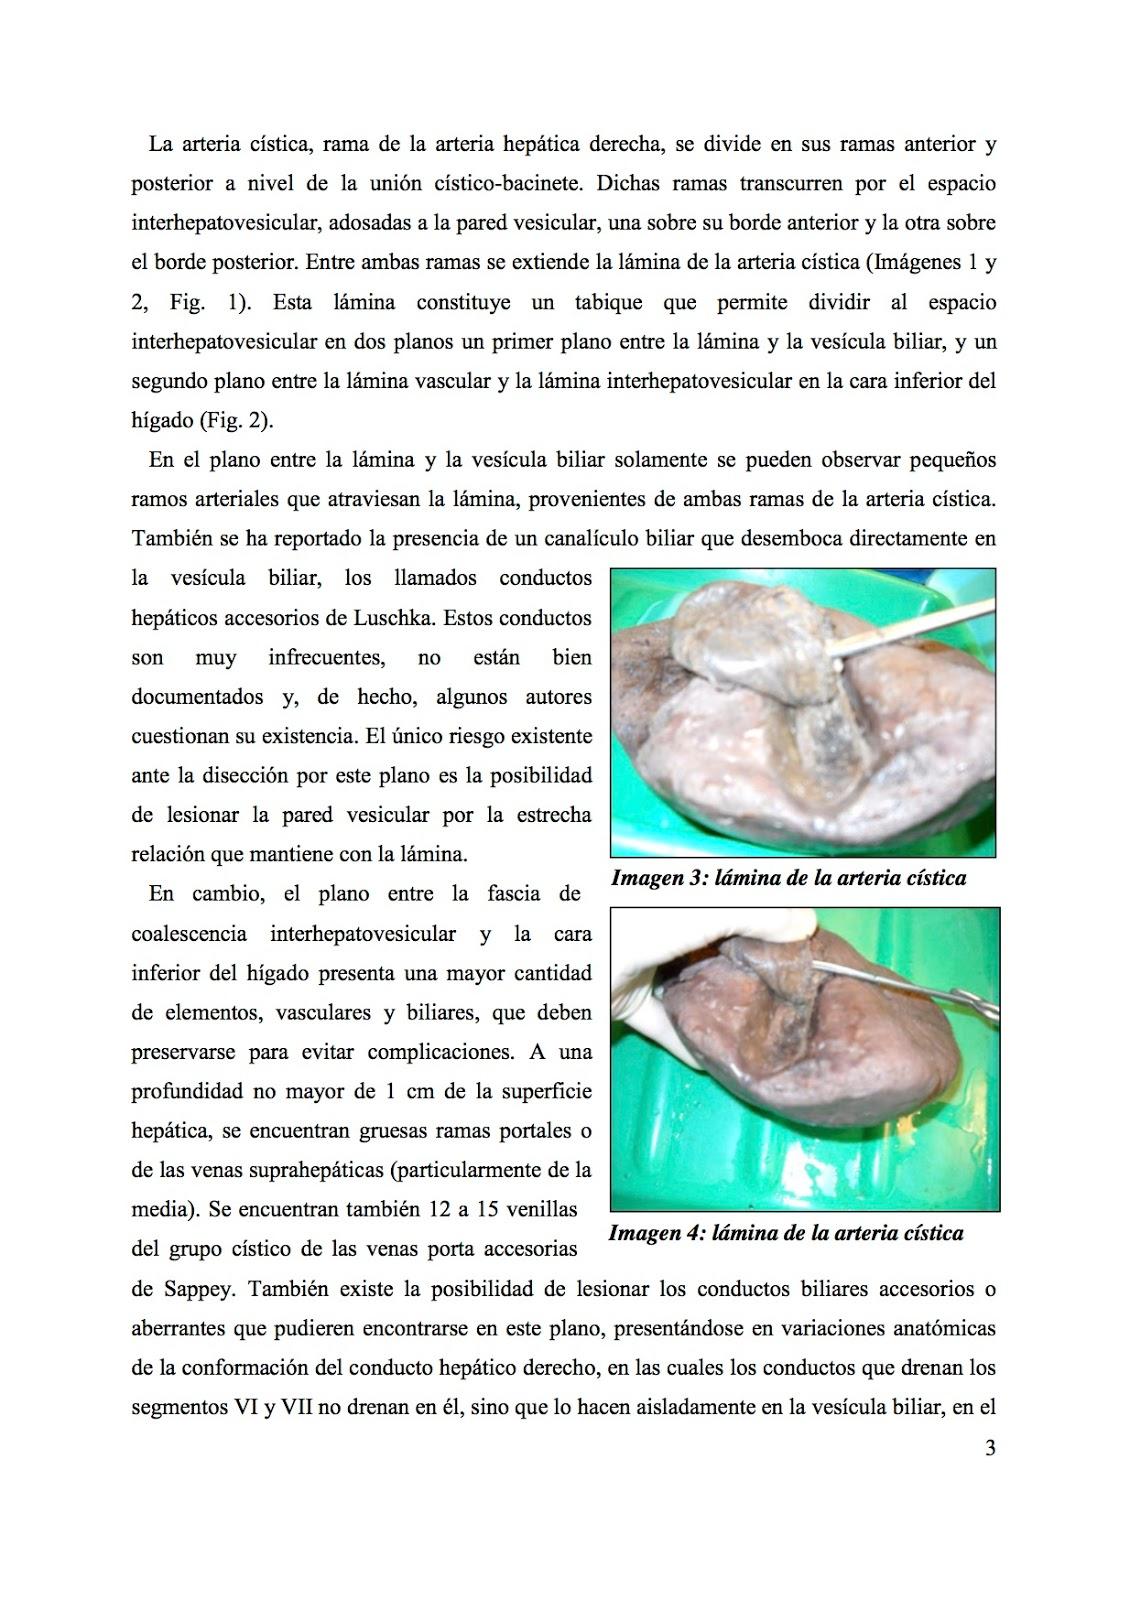 Cuadernos de Anatomía Quirúrgica: El espacio interhepatovesicular